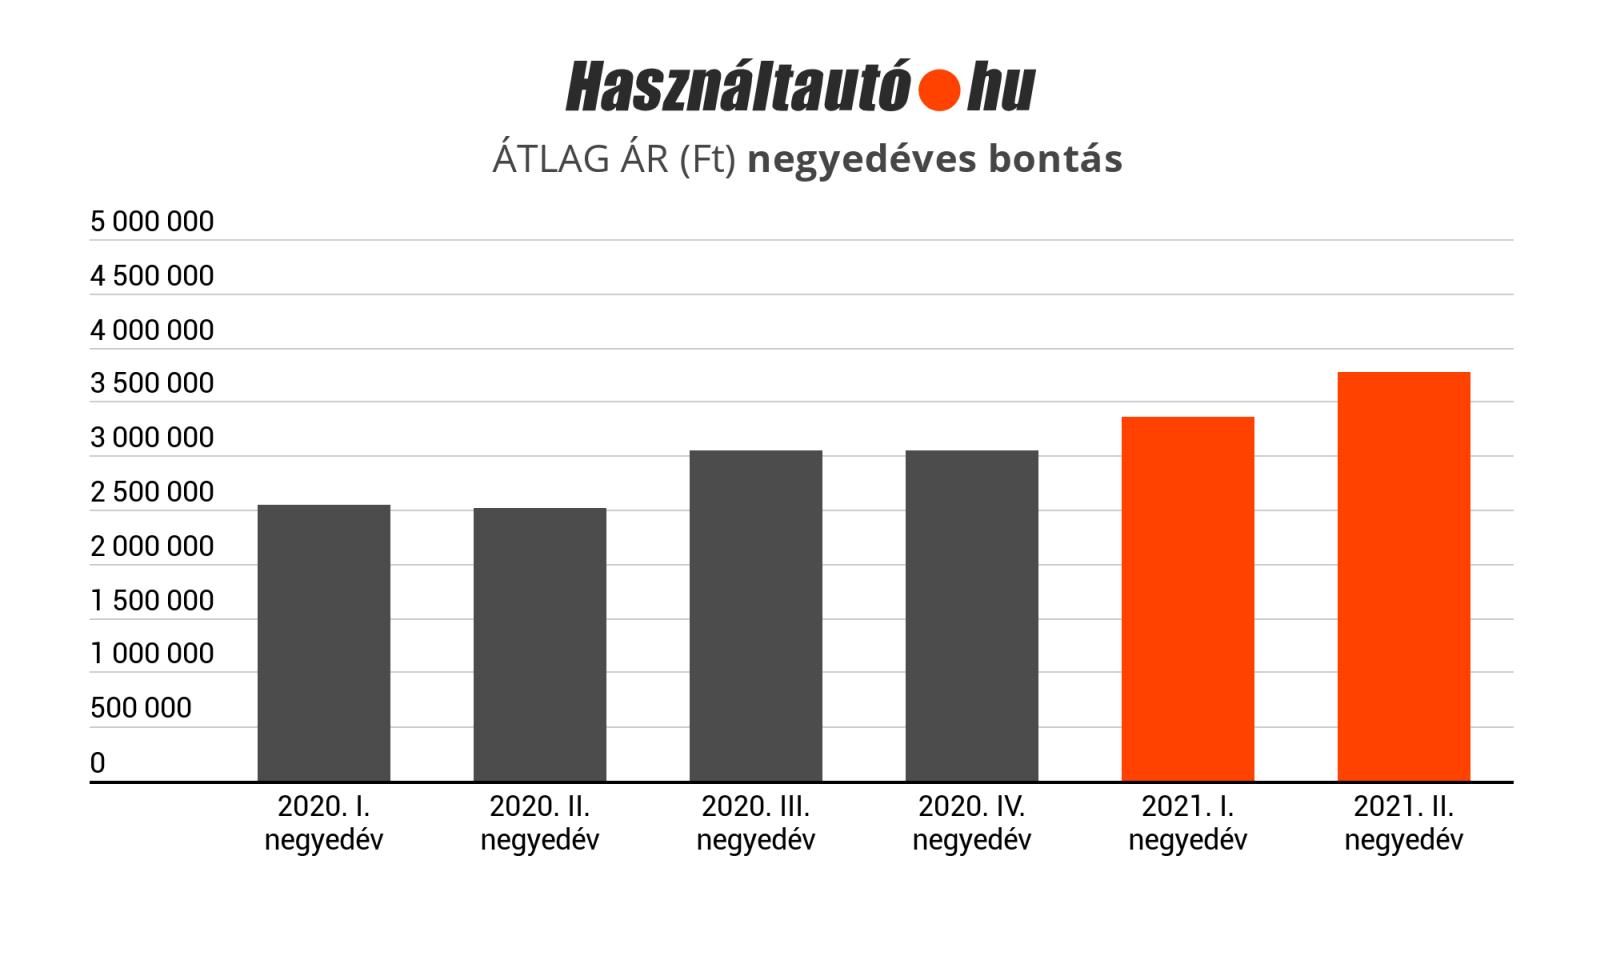 HZA atlagar_2021_negyedeves bontas